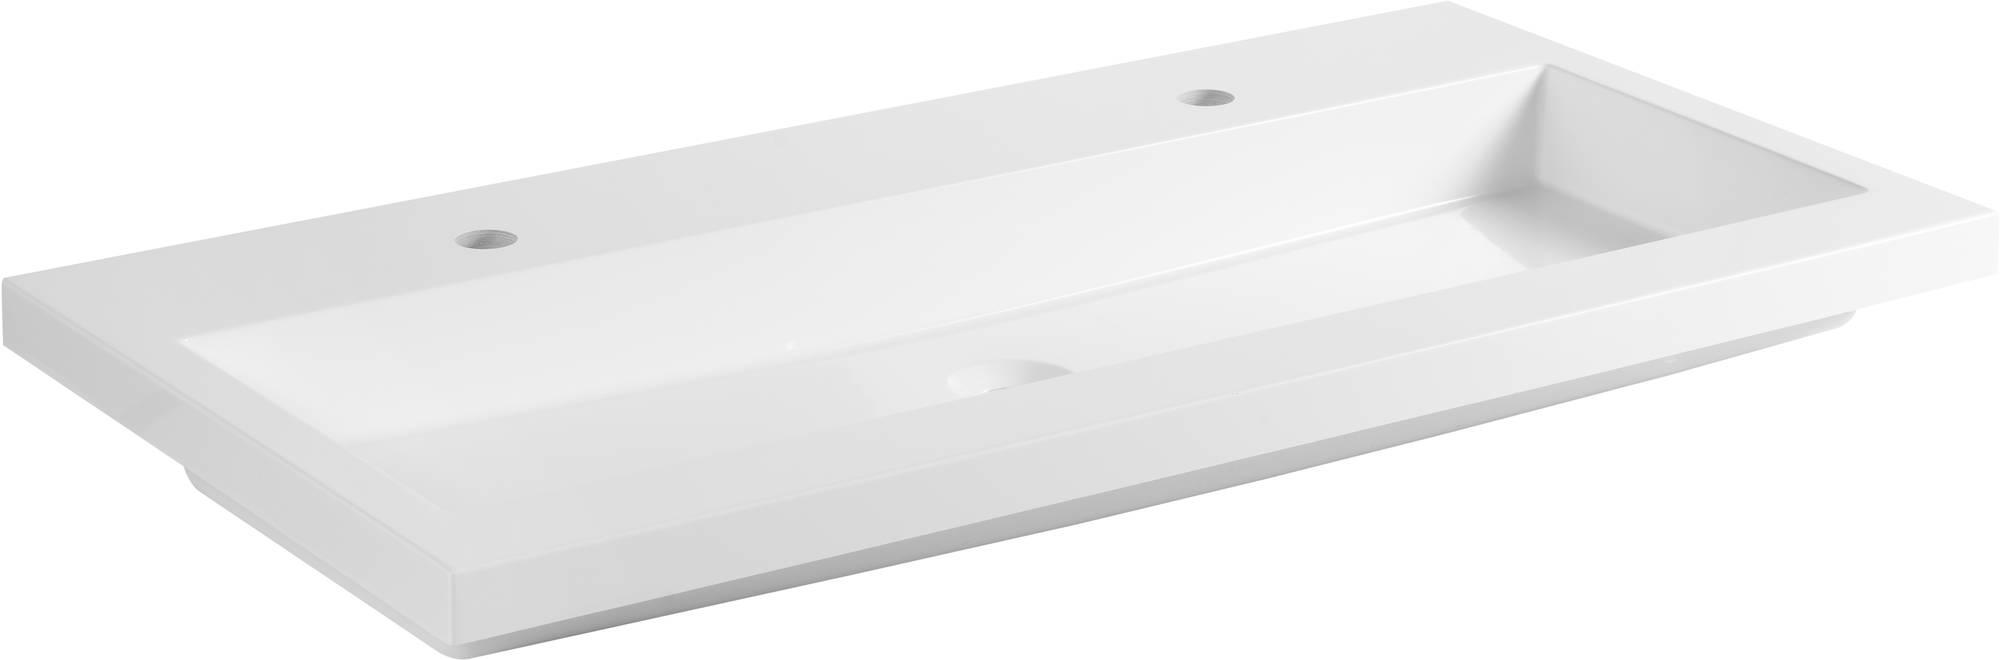 Ben Straight Wastafel 100,5x51,5x4 cm Mat Wit